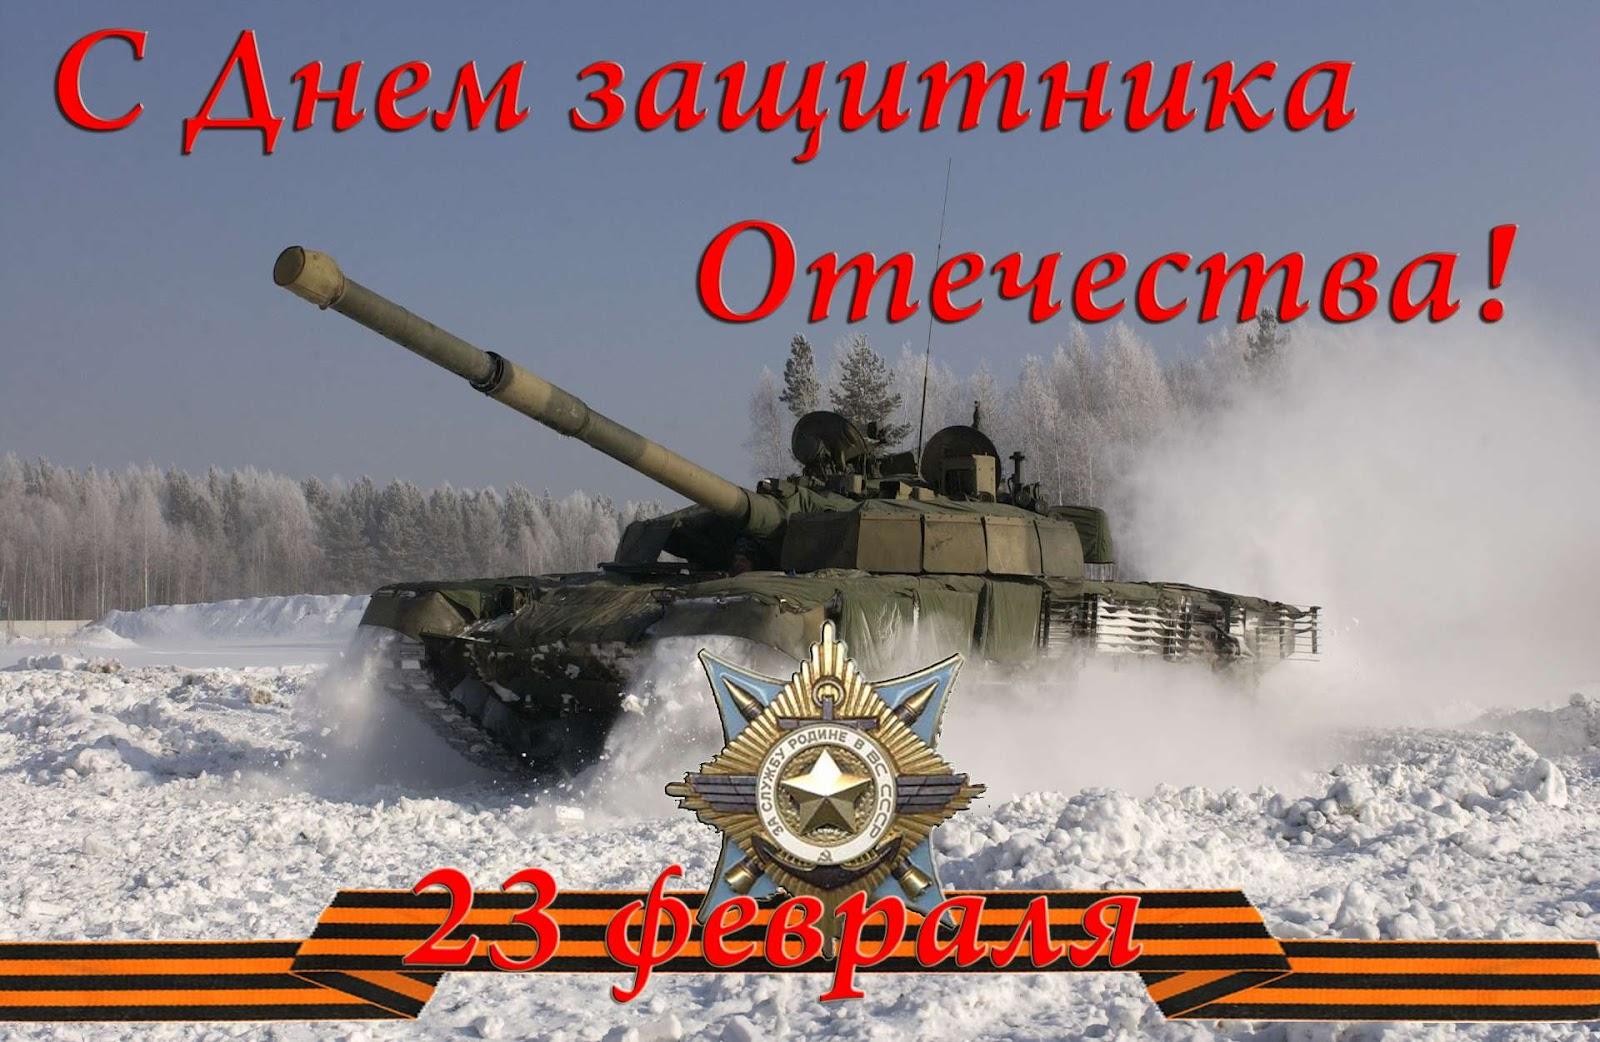 ❶Поздравление танкистам с 23 февраля|Открытки 23 февраля с мишкой|||}